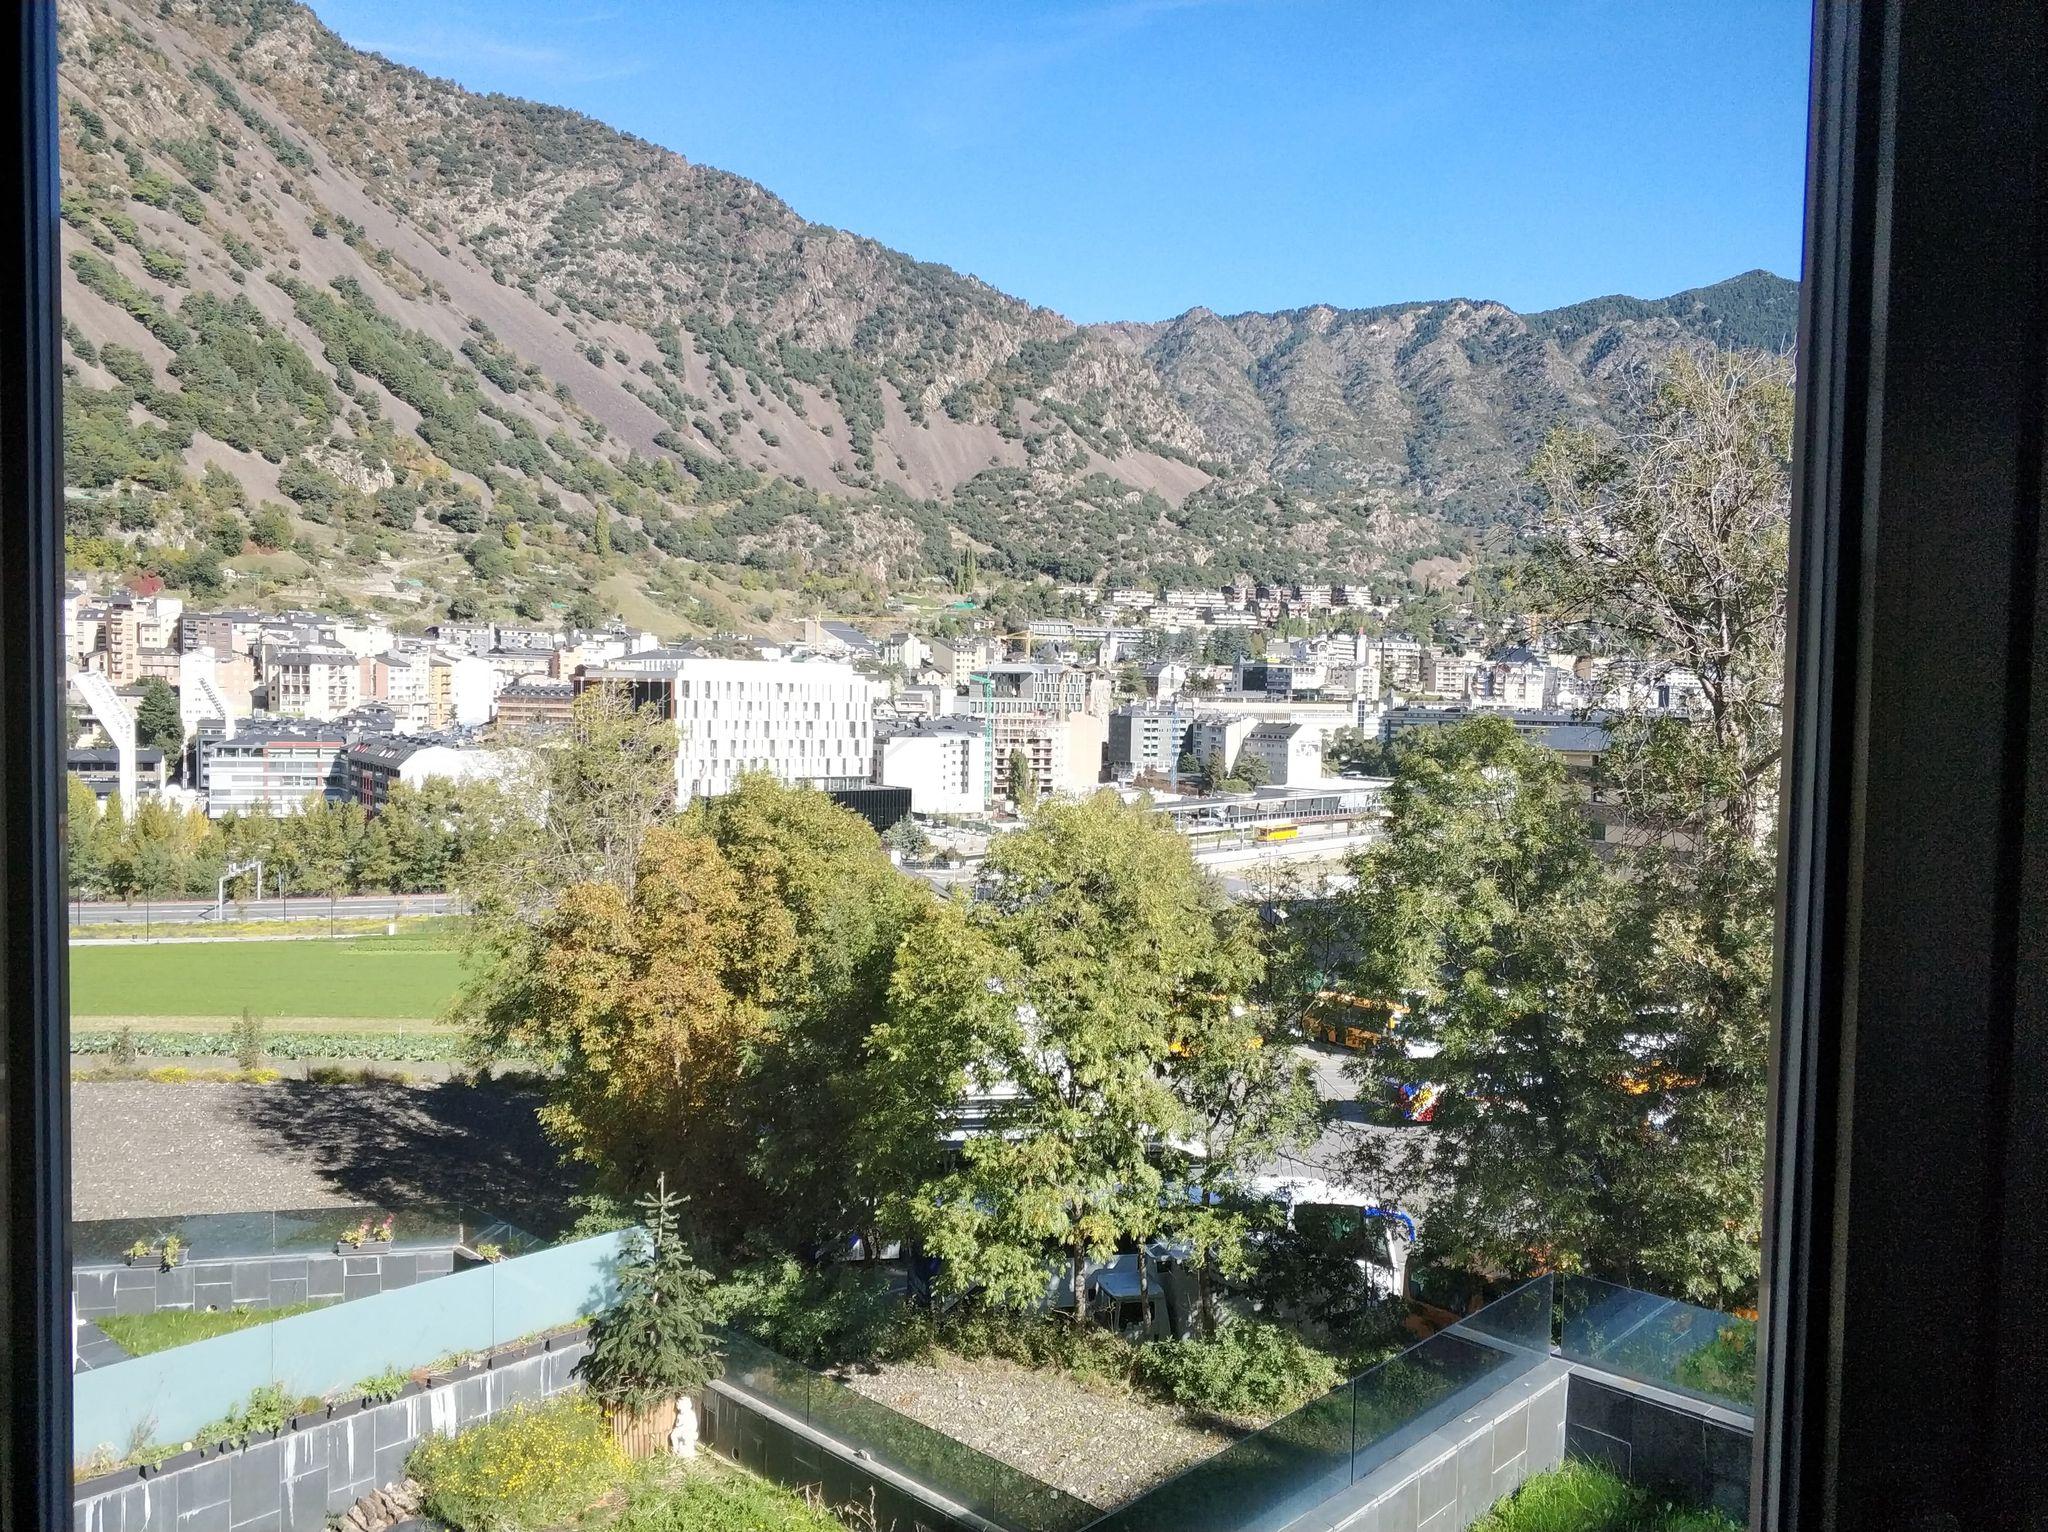 Pis en venda a Andorra la Vella, 3 habitacions, 104 metres